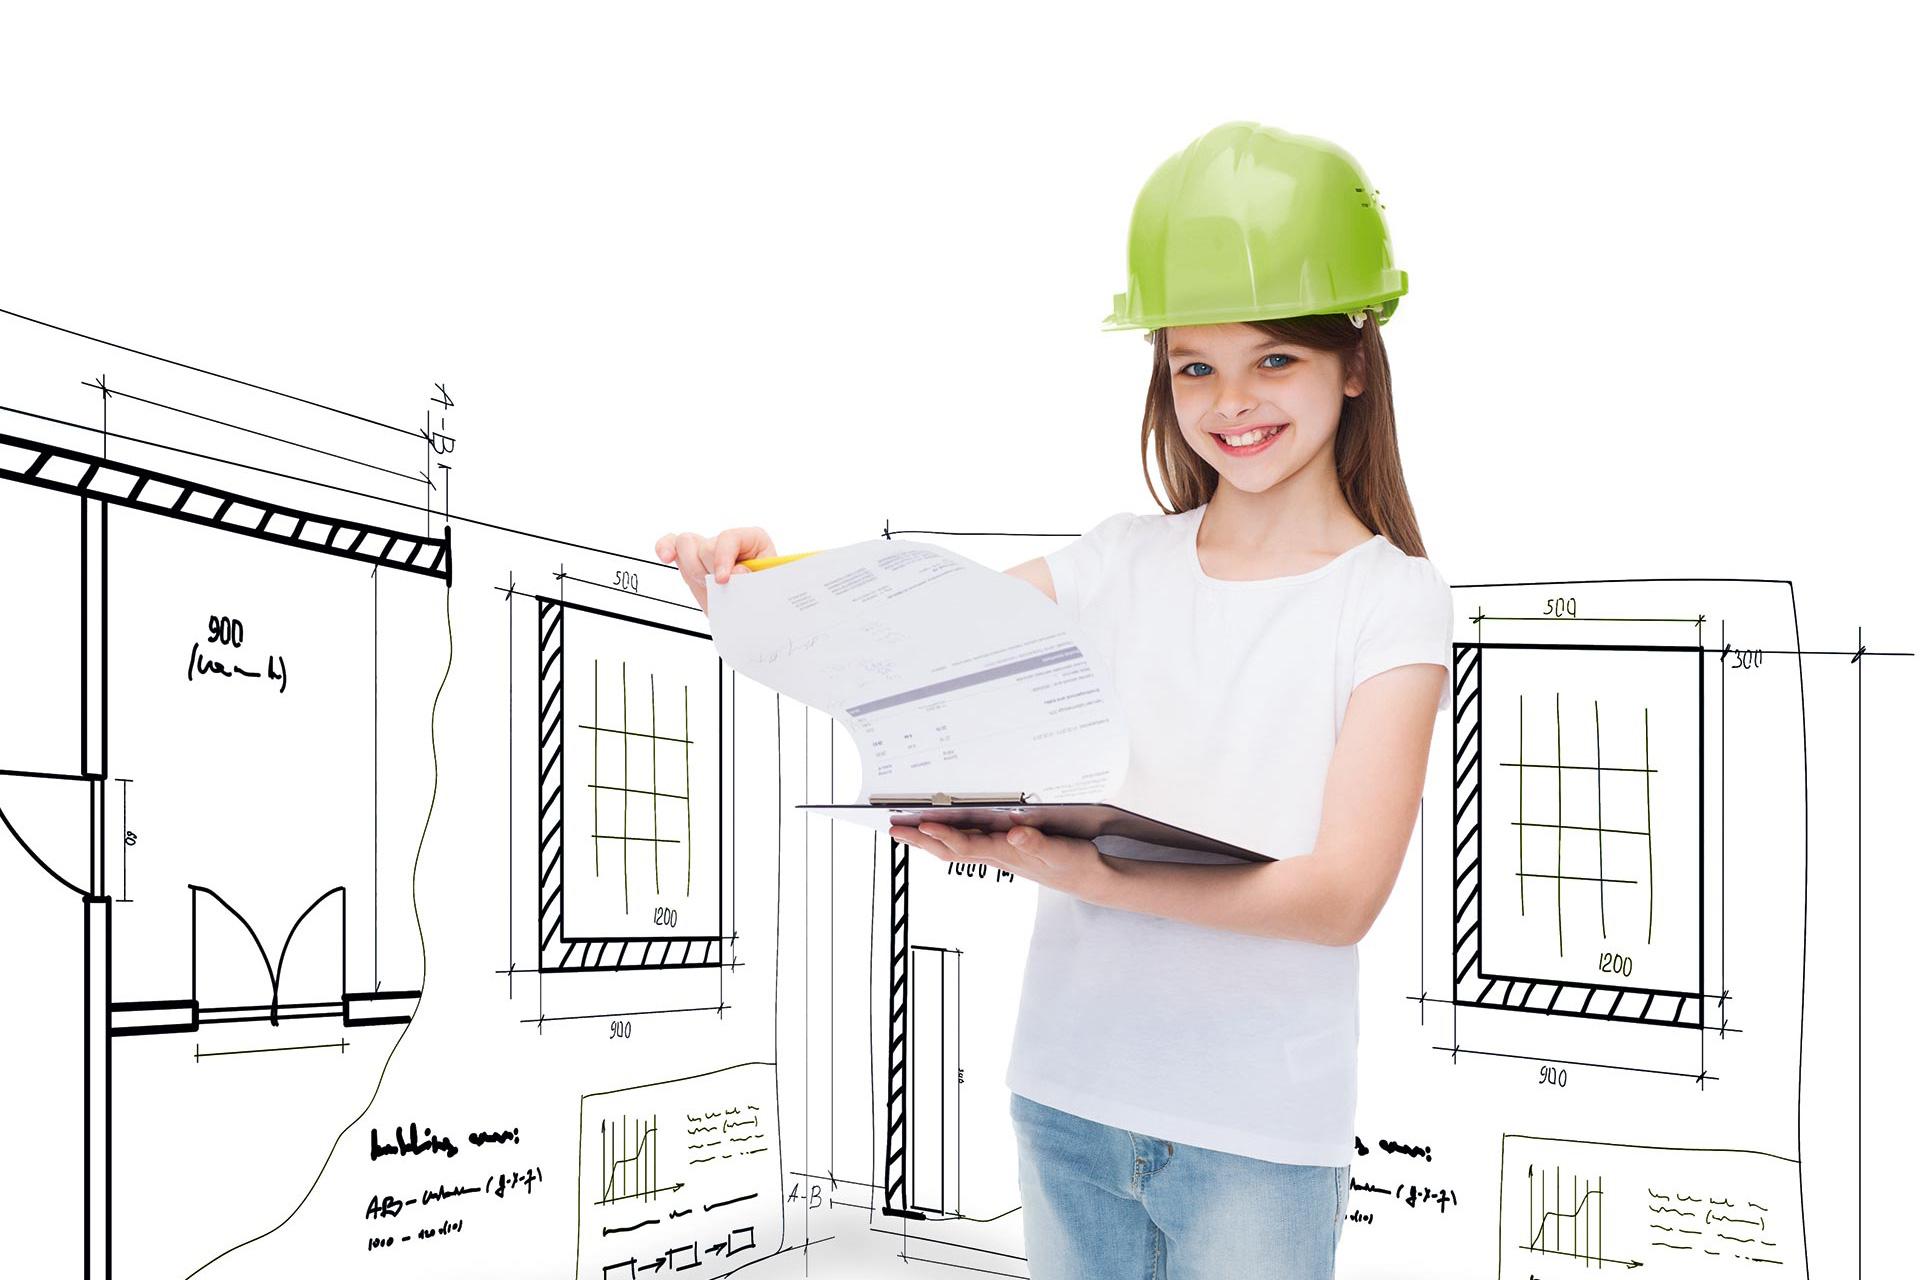 gussek haus baubeschreibung ihr fertighaus vom ausbauhaus bis schl sselfertig. Black Bedroom Furniture Sets. Home Design Ideas